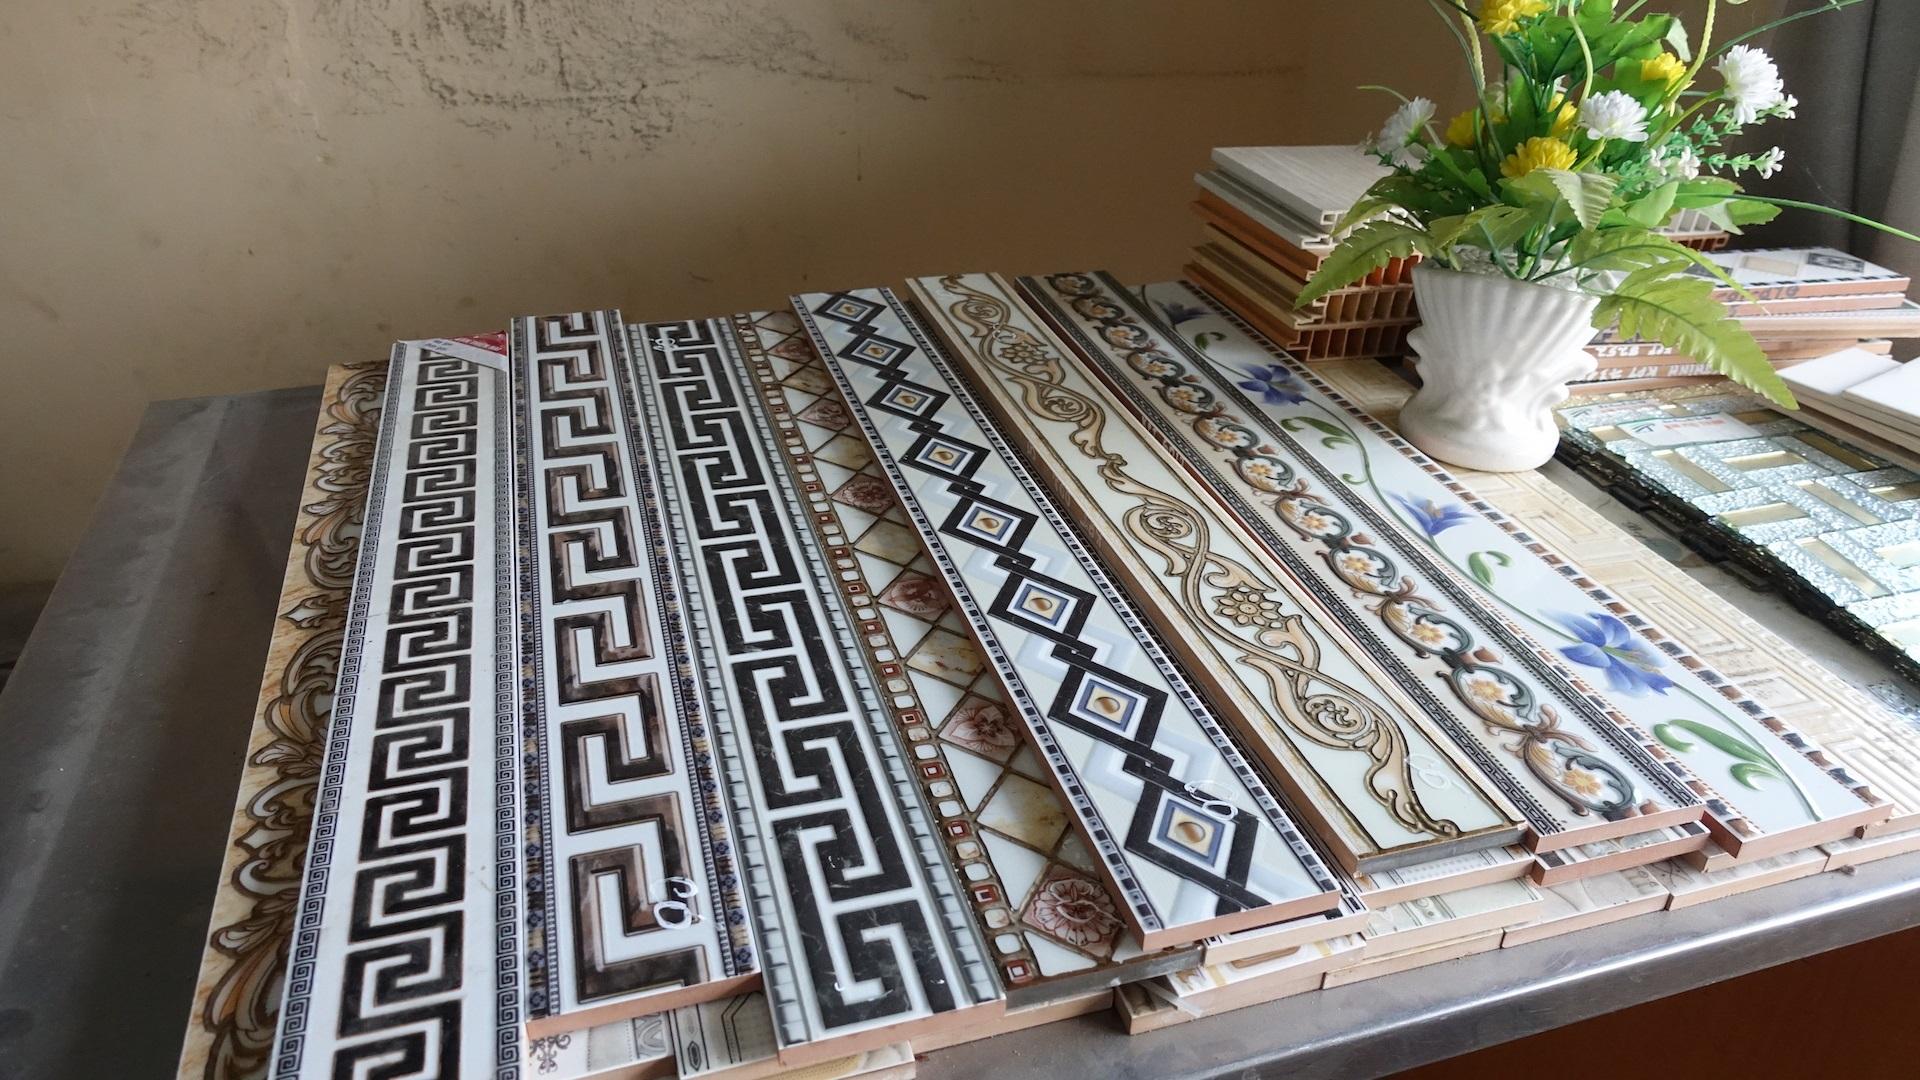 Gạch viền lát kết hợp tạo thành những tấm thảm trang trí nền nhà làm phong phú thêm nền gạch